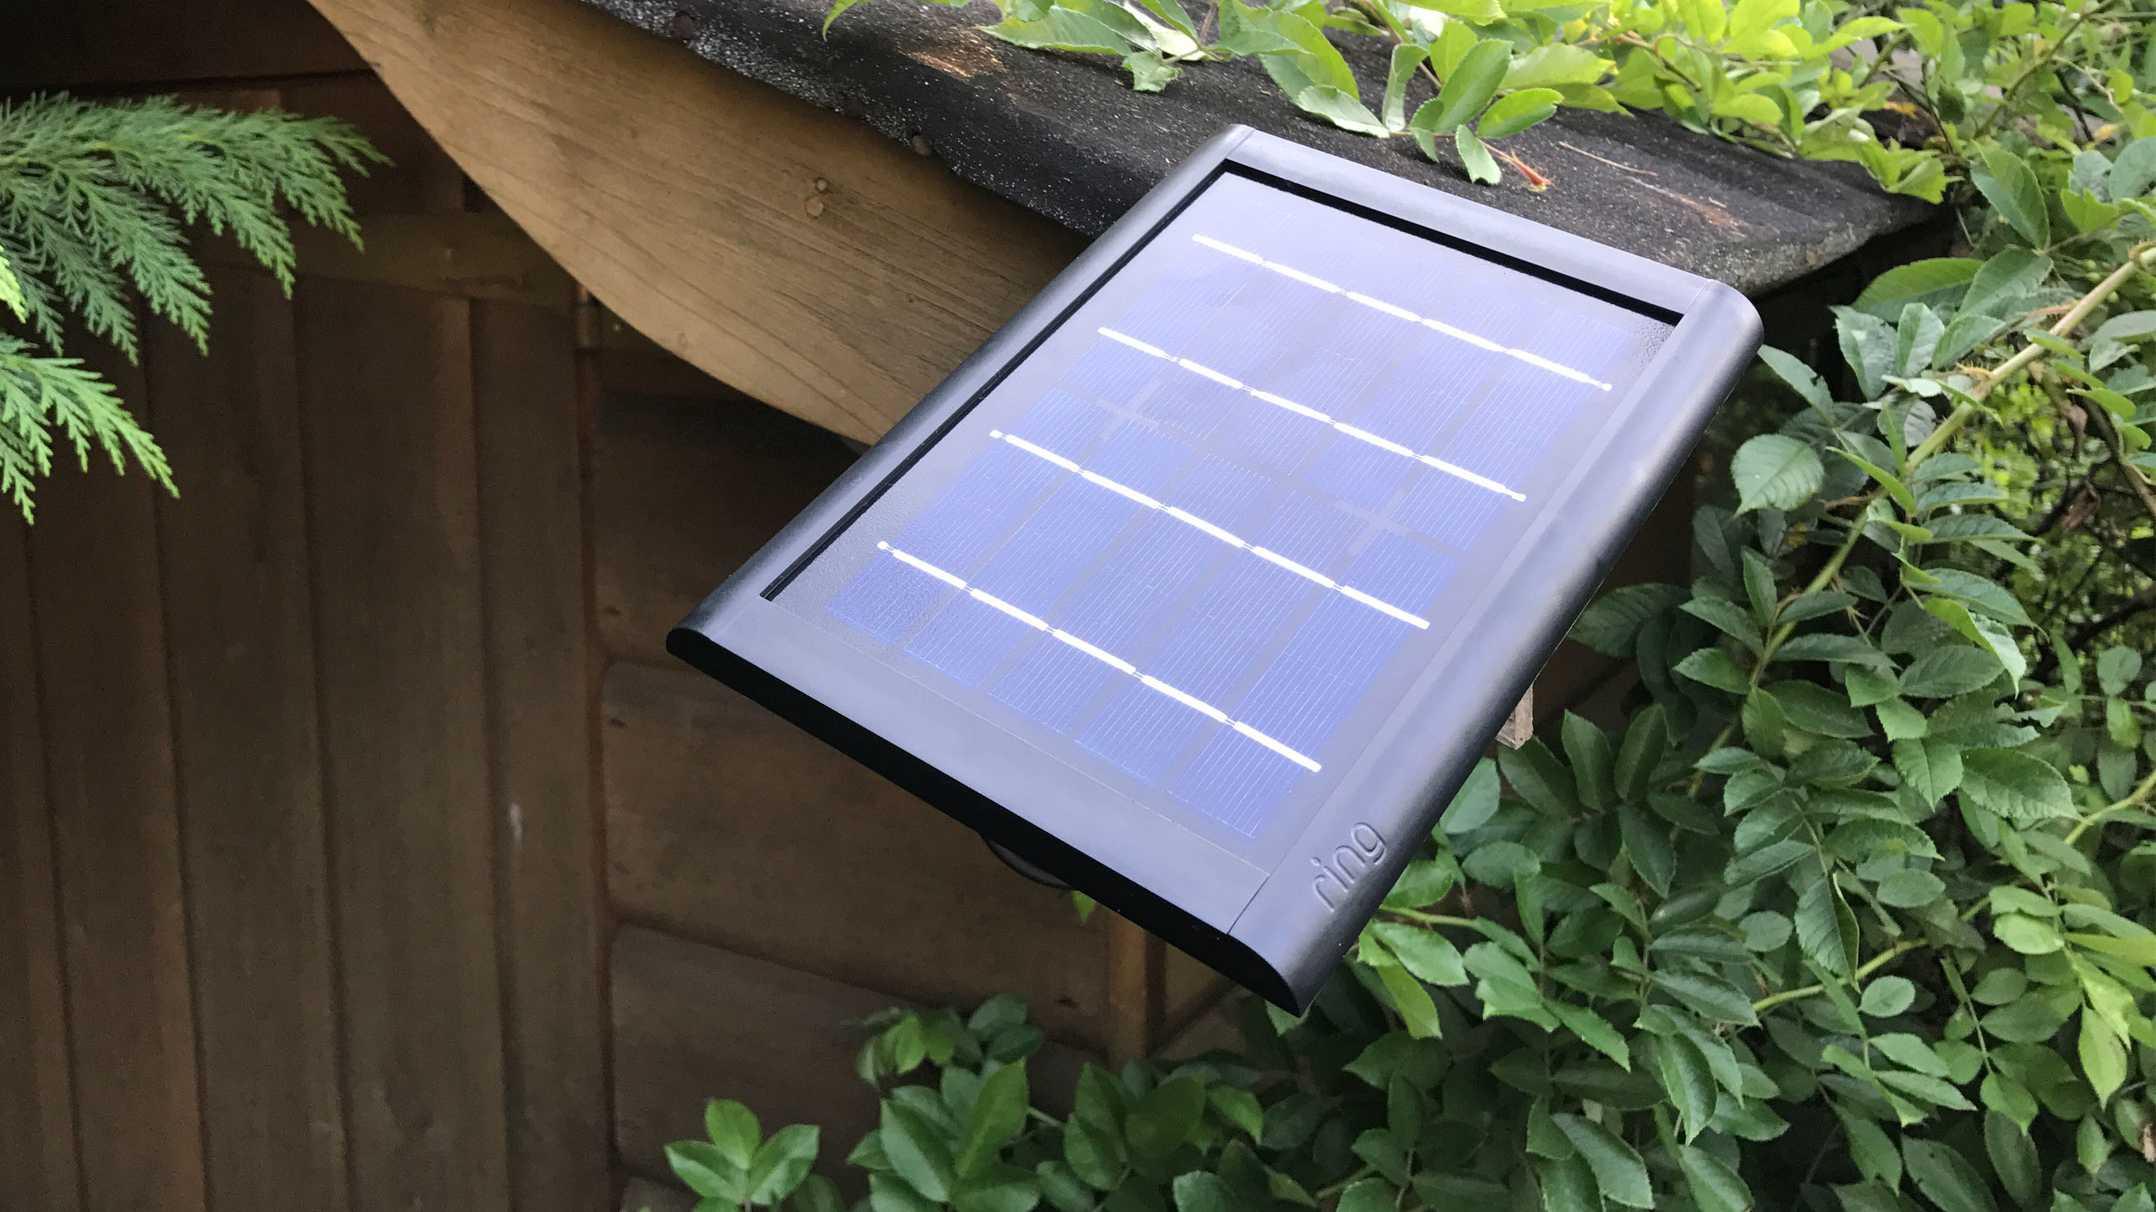 Ratgeber: Solarzellen-Überwachungskameras mit WLAN